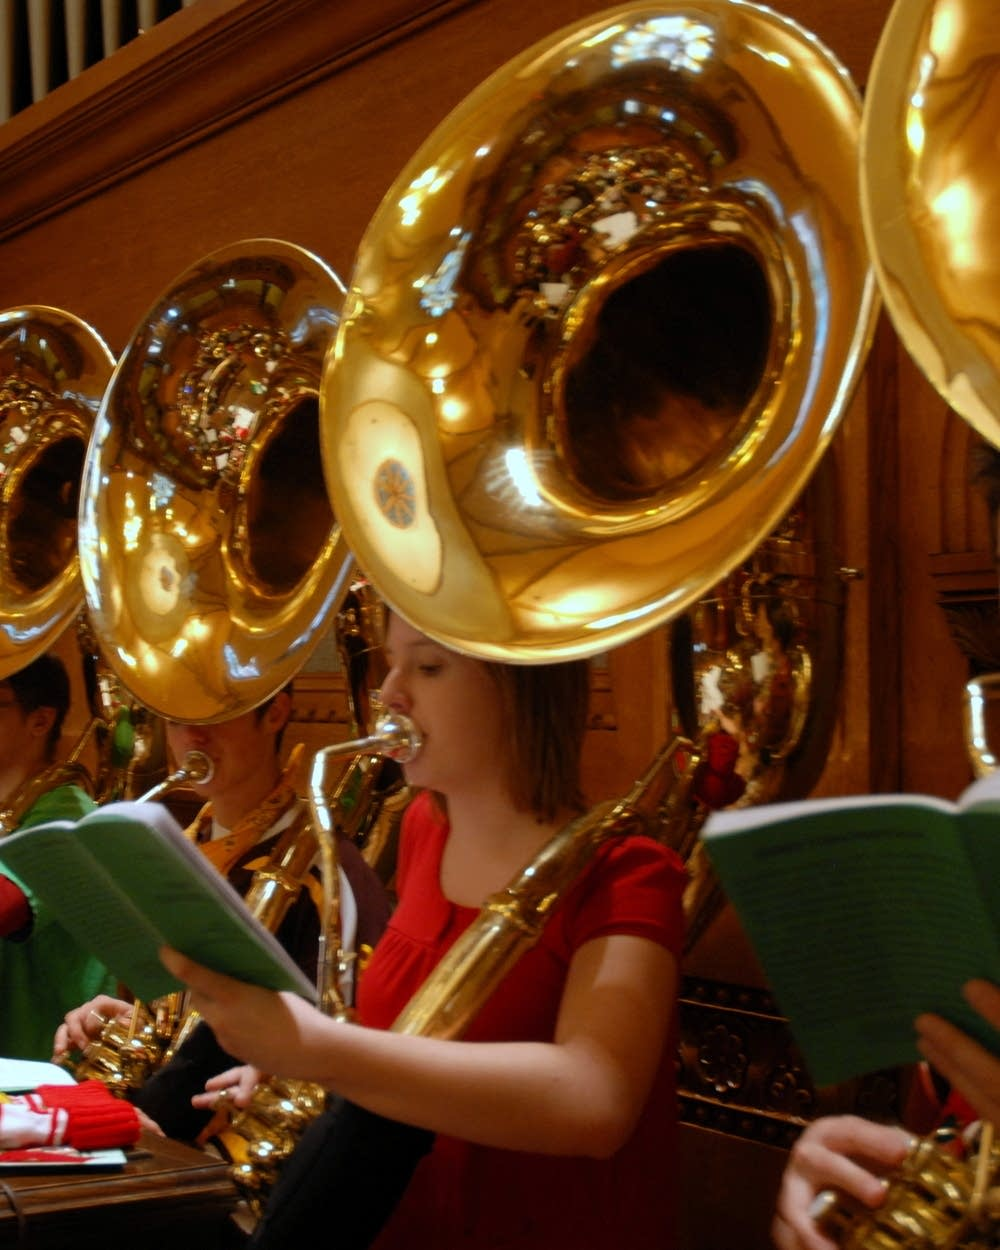 Tuba Christmas.The Tuba Takes Center Stage At Tuba Christmas Mpr News